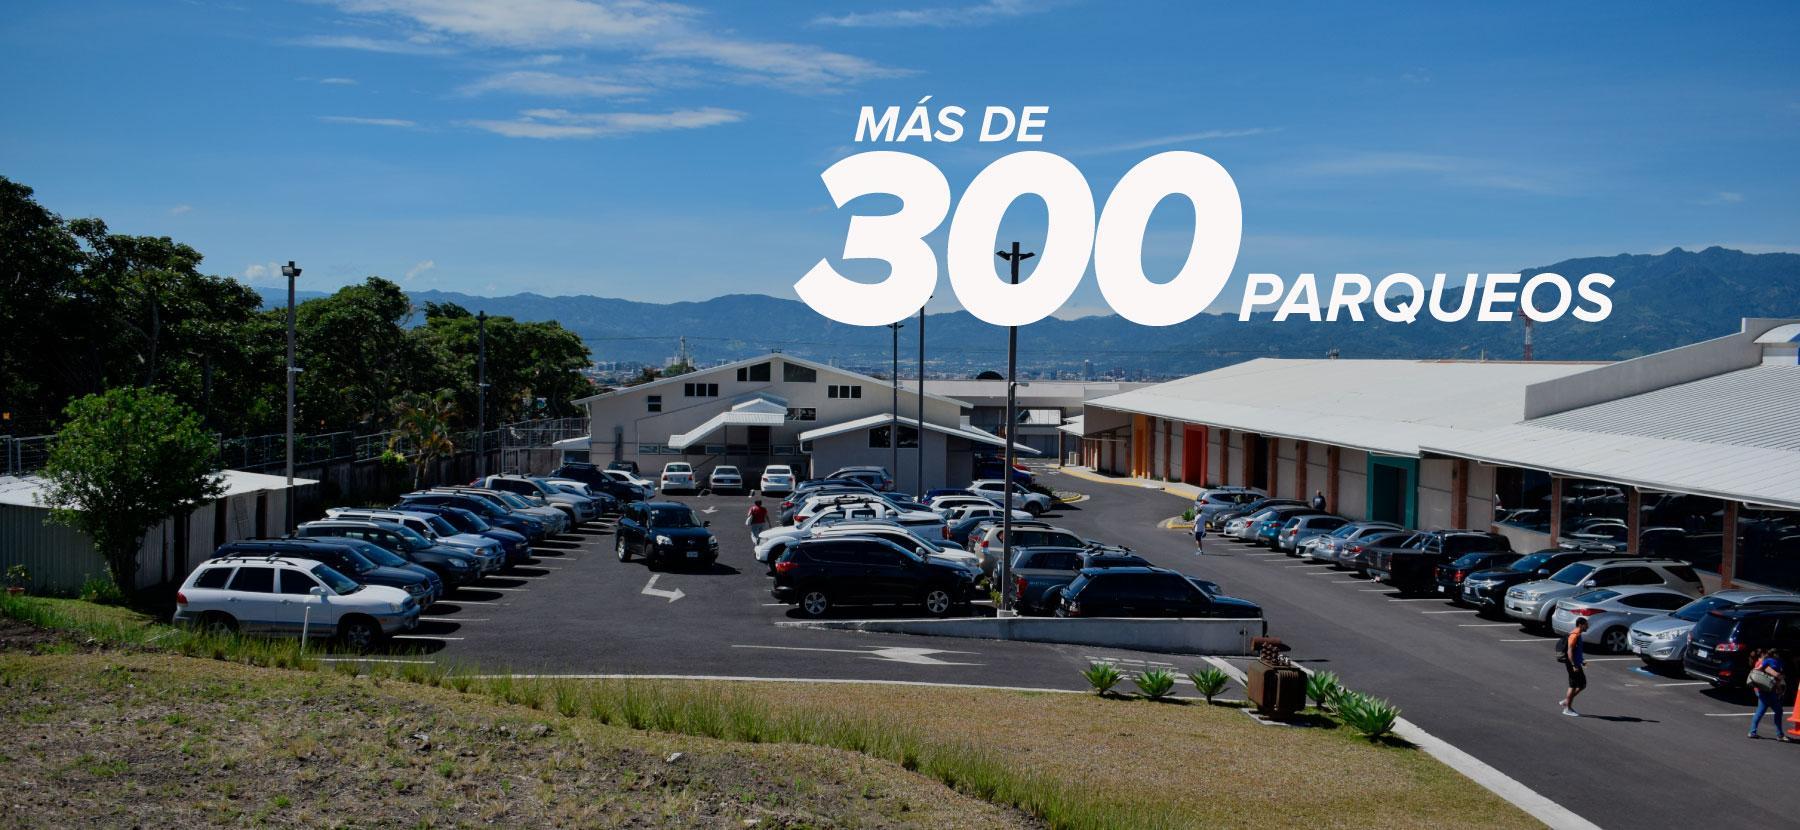 Banner Zona 5 - Mas de 300 parqueos